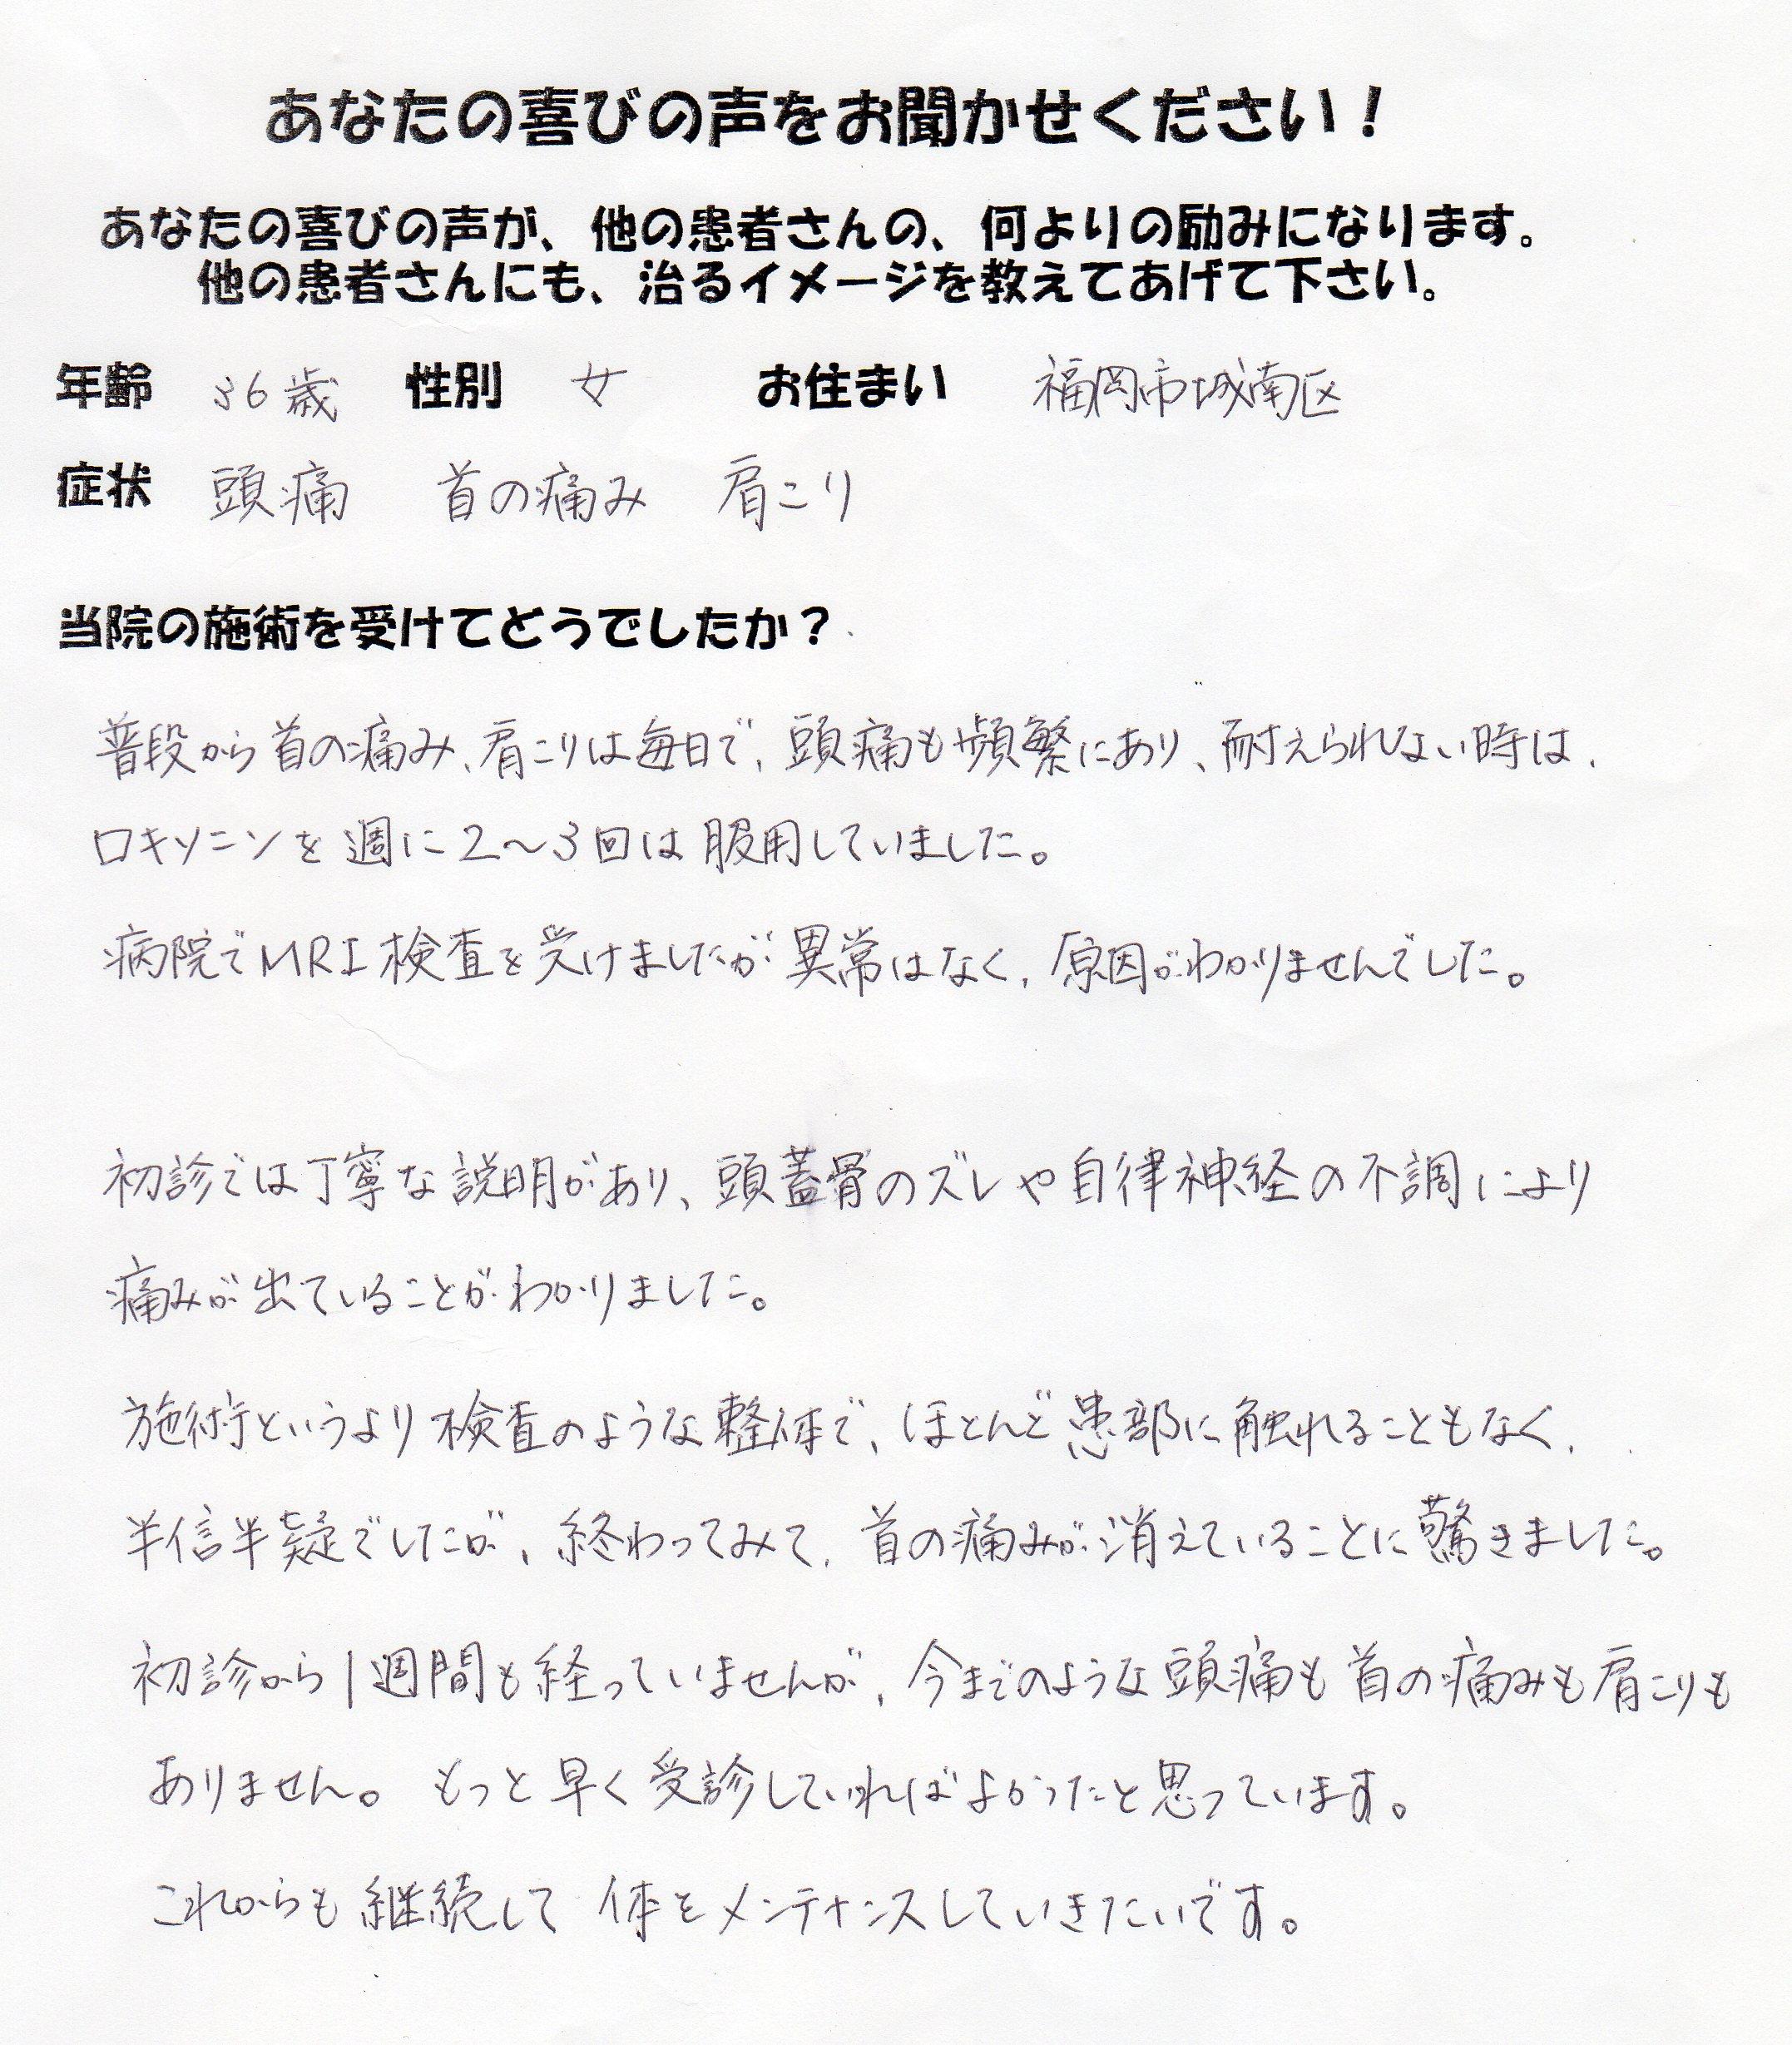 福岡市中央区、城南区、早良区の人気ランキングで女性におすすめ整体、腰痛、坐骨神経痛、首痛